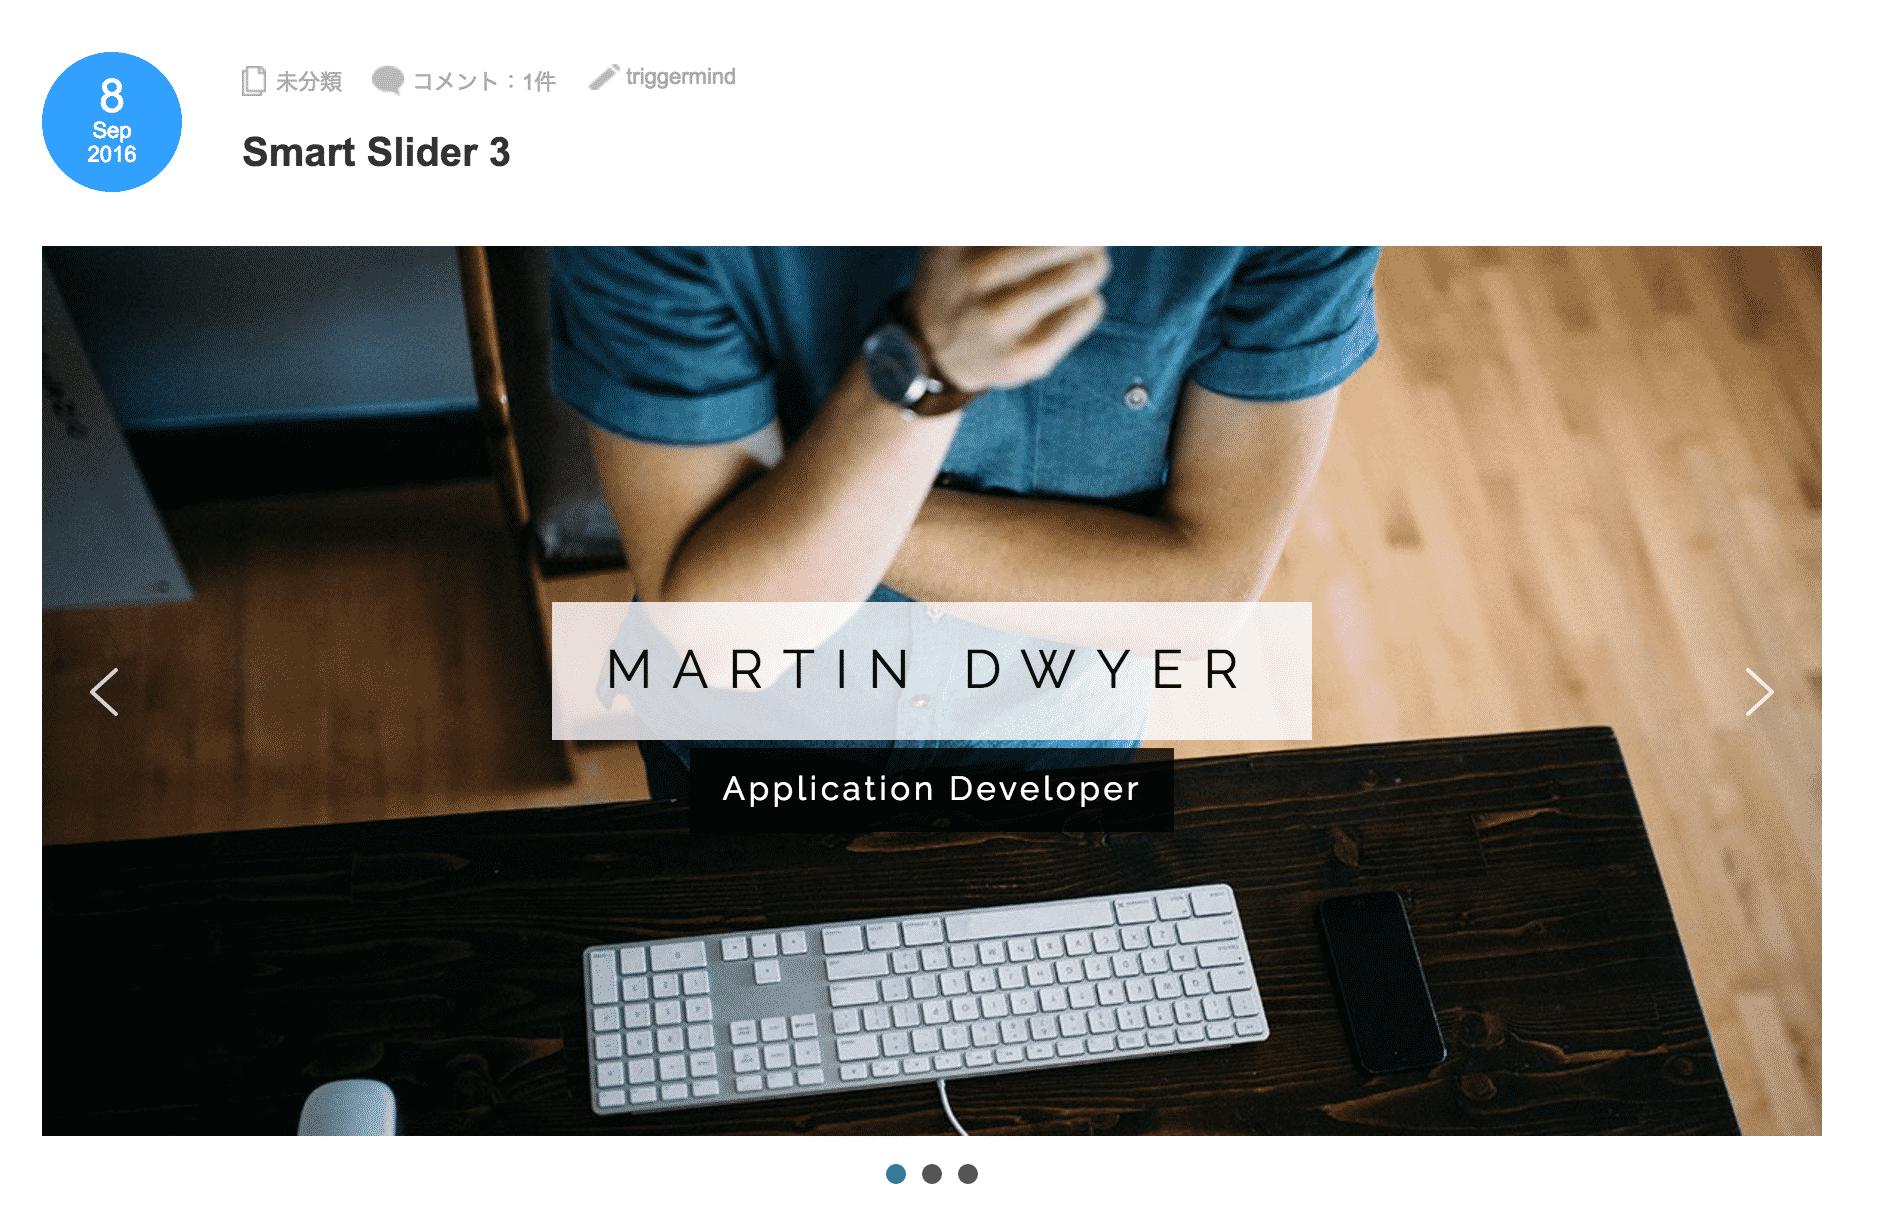 smartslider3-1